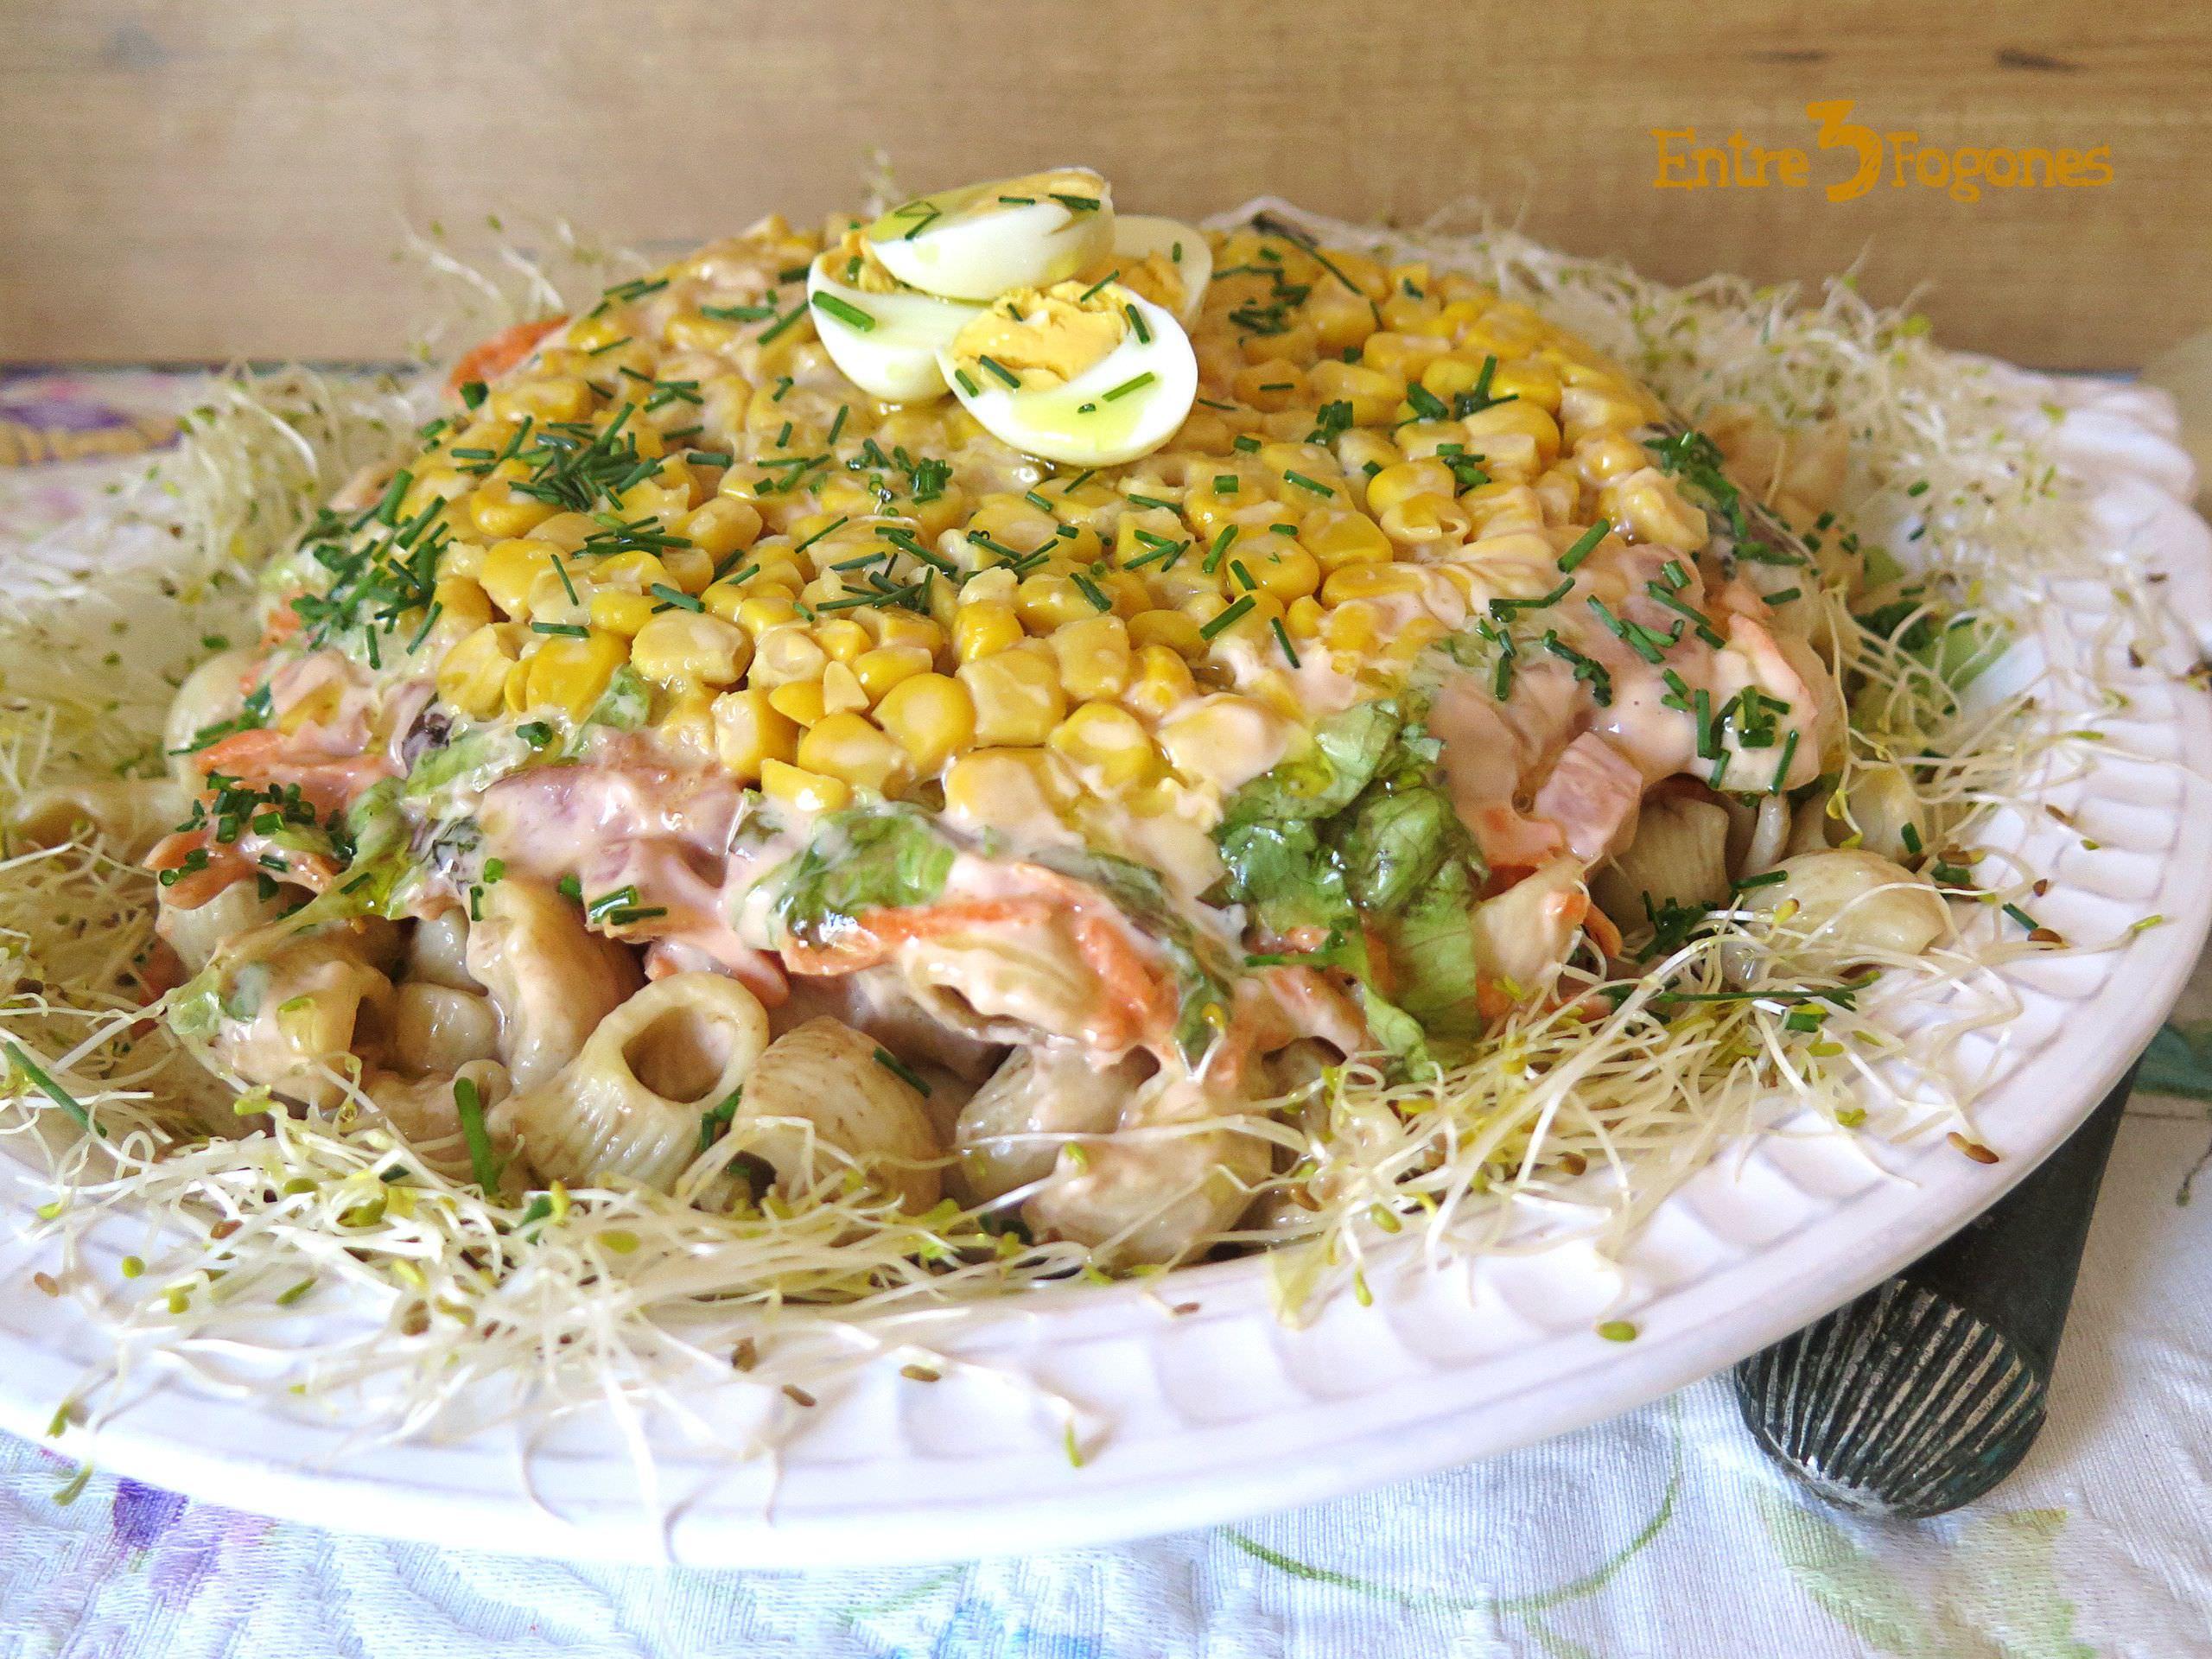 Receta Ensalada de Pasta Corta con Vegetales y Salsa Rosa